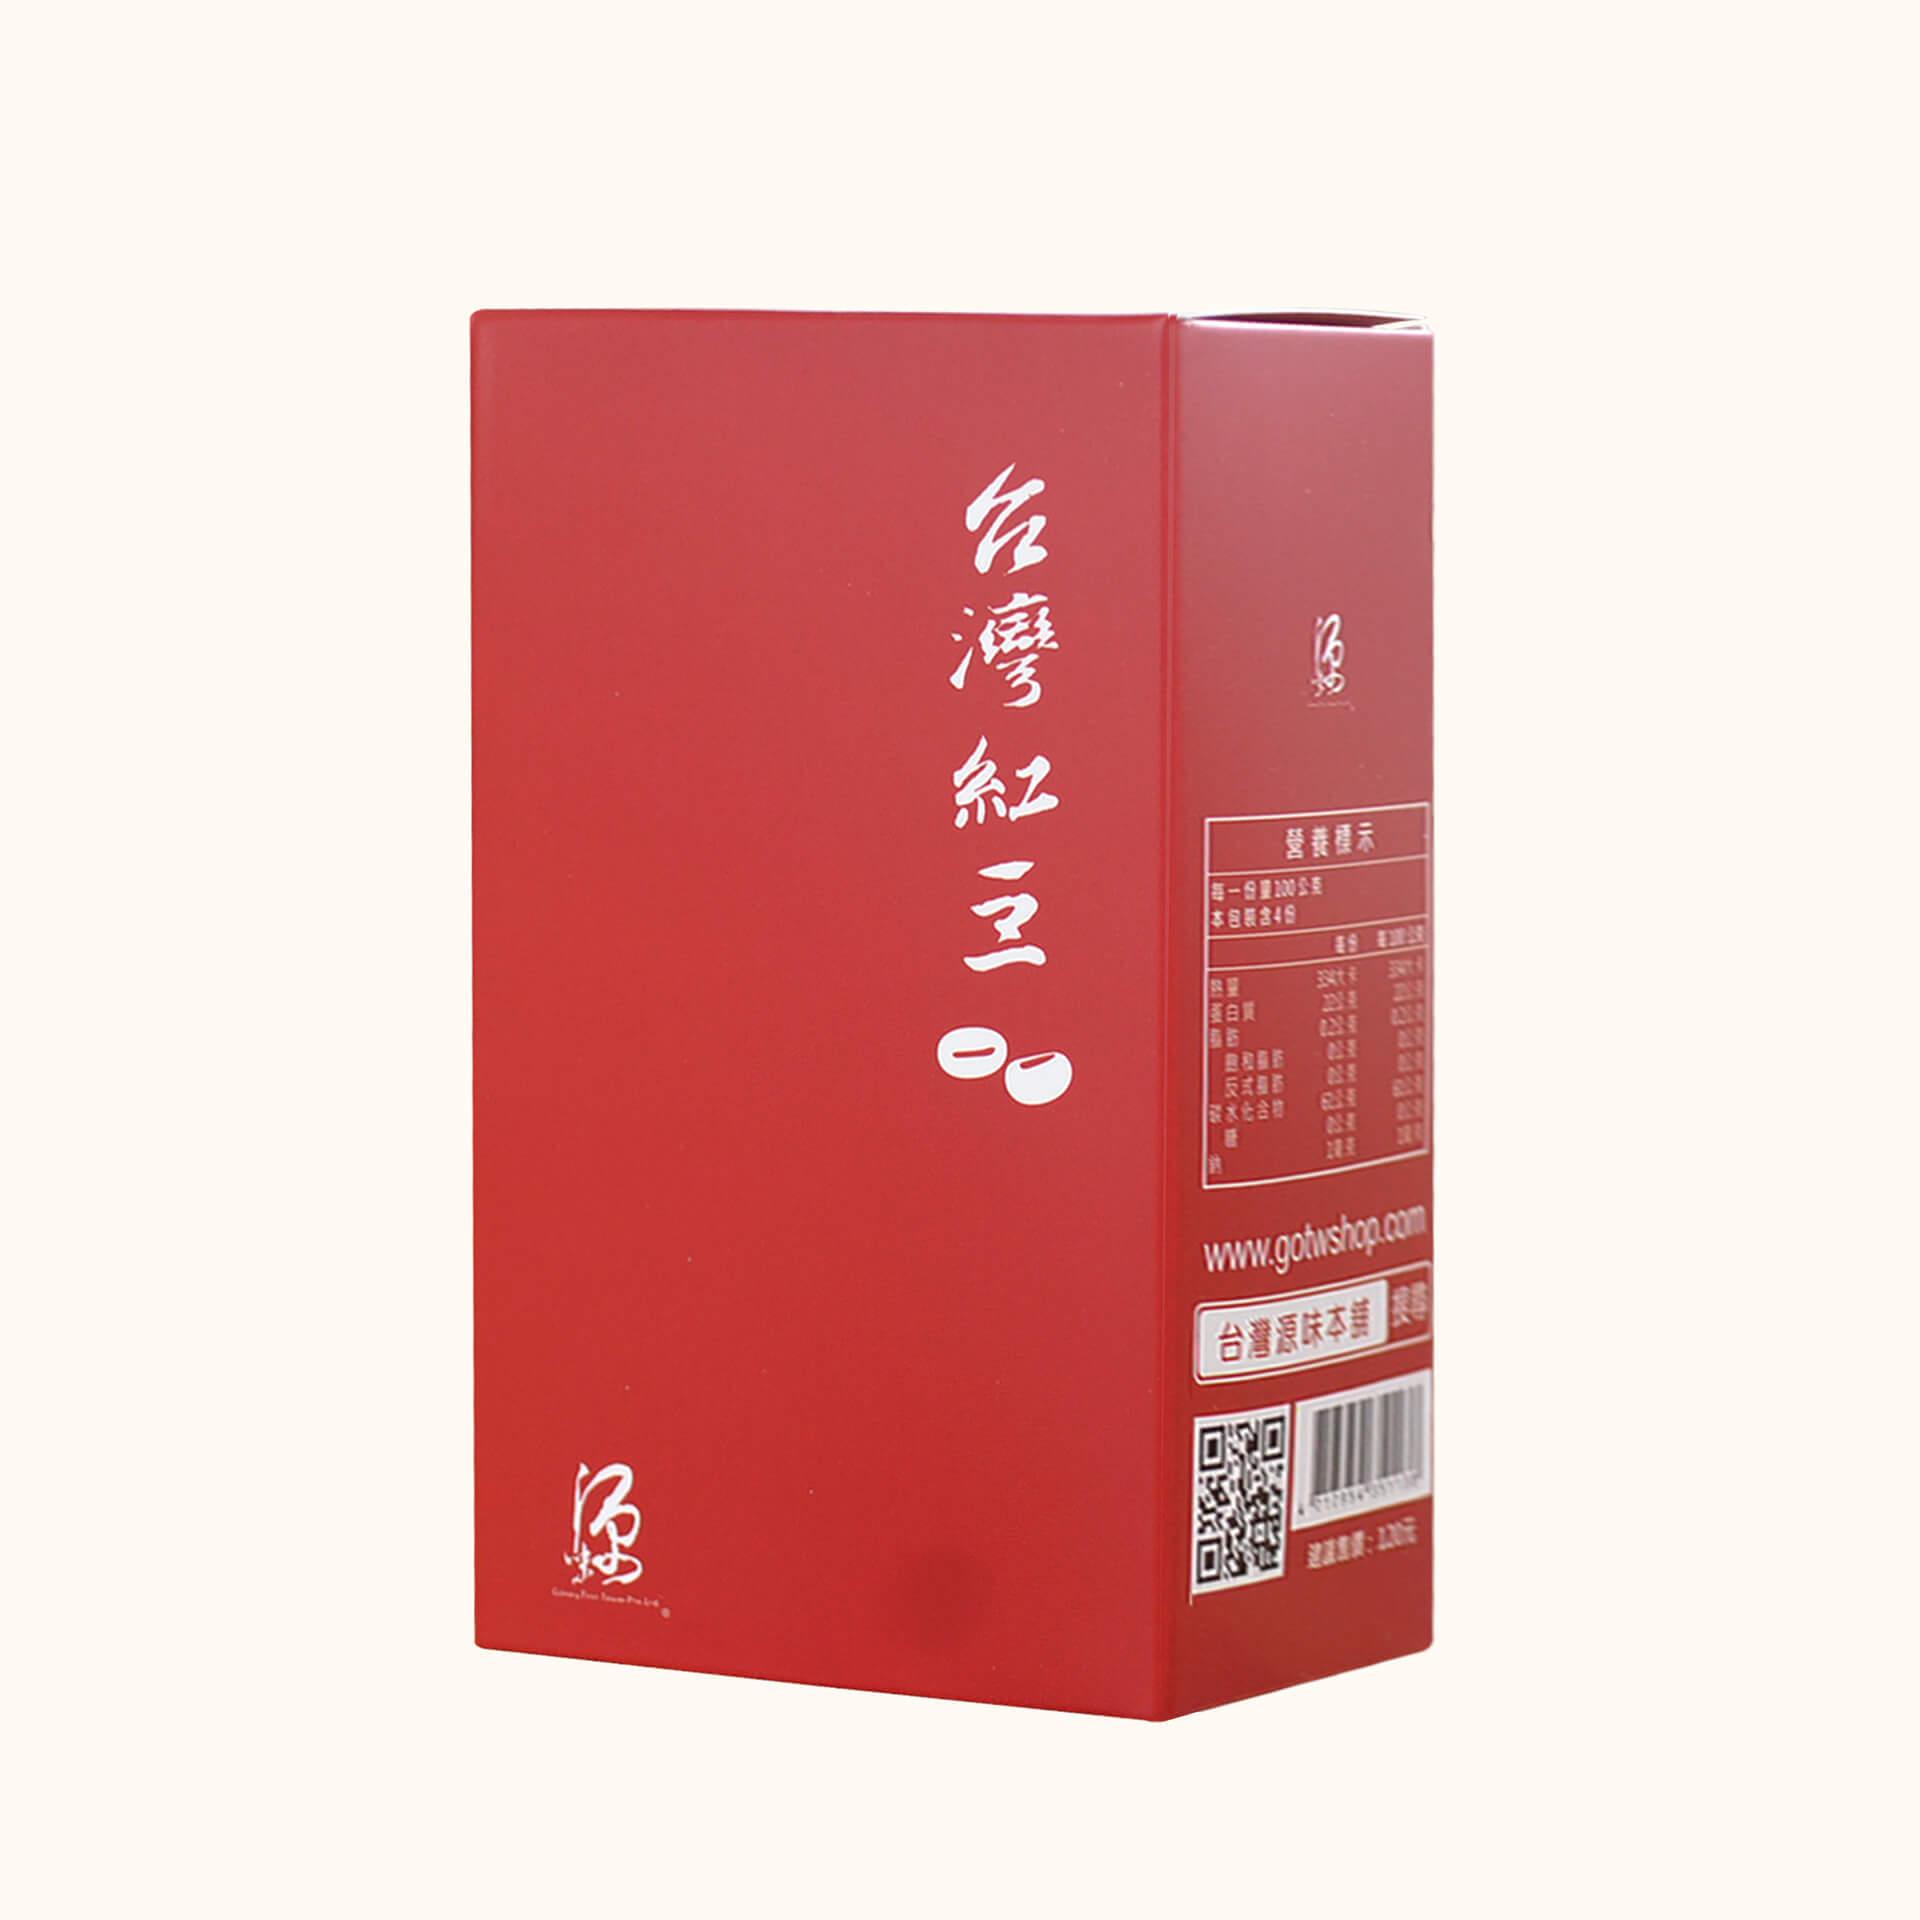 【短效品】台灣紅豆400g(有效20210310)